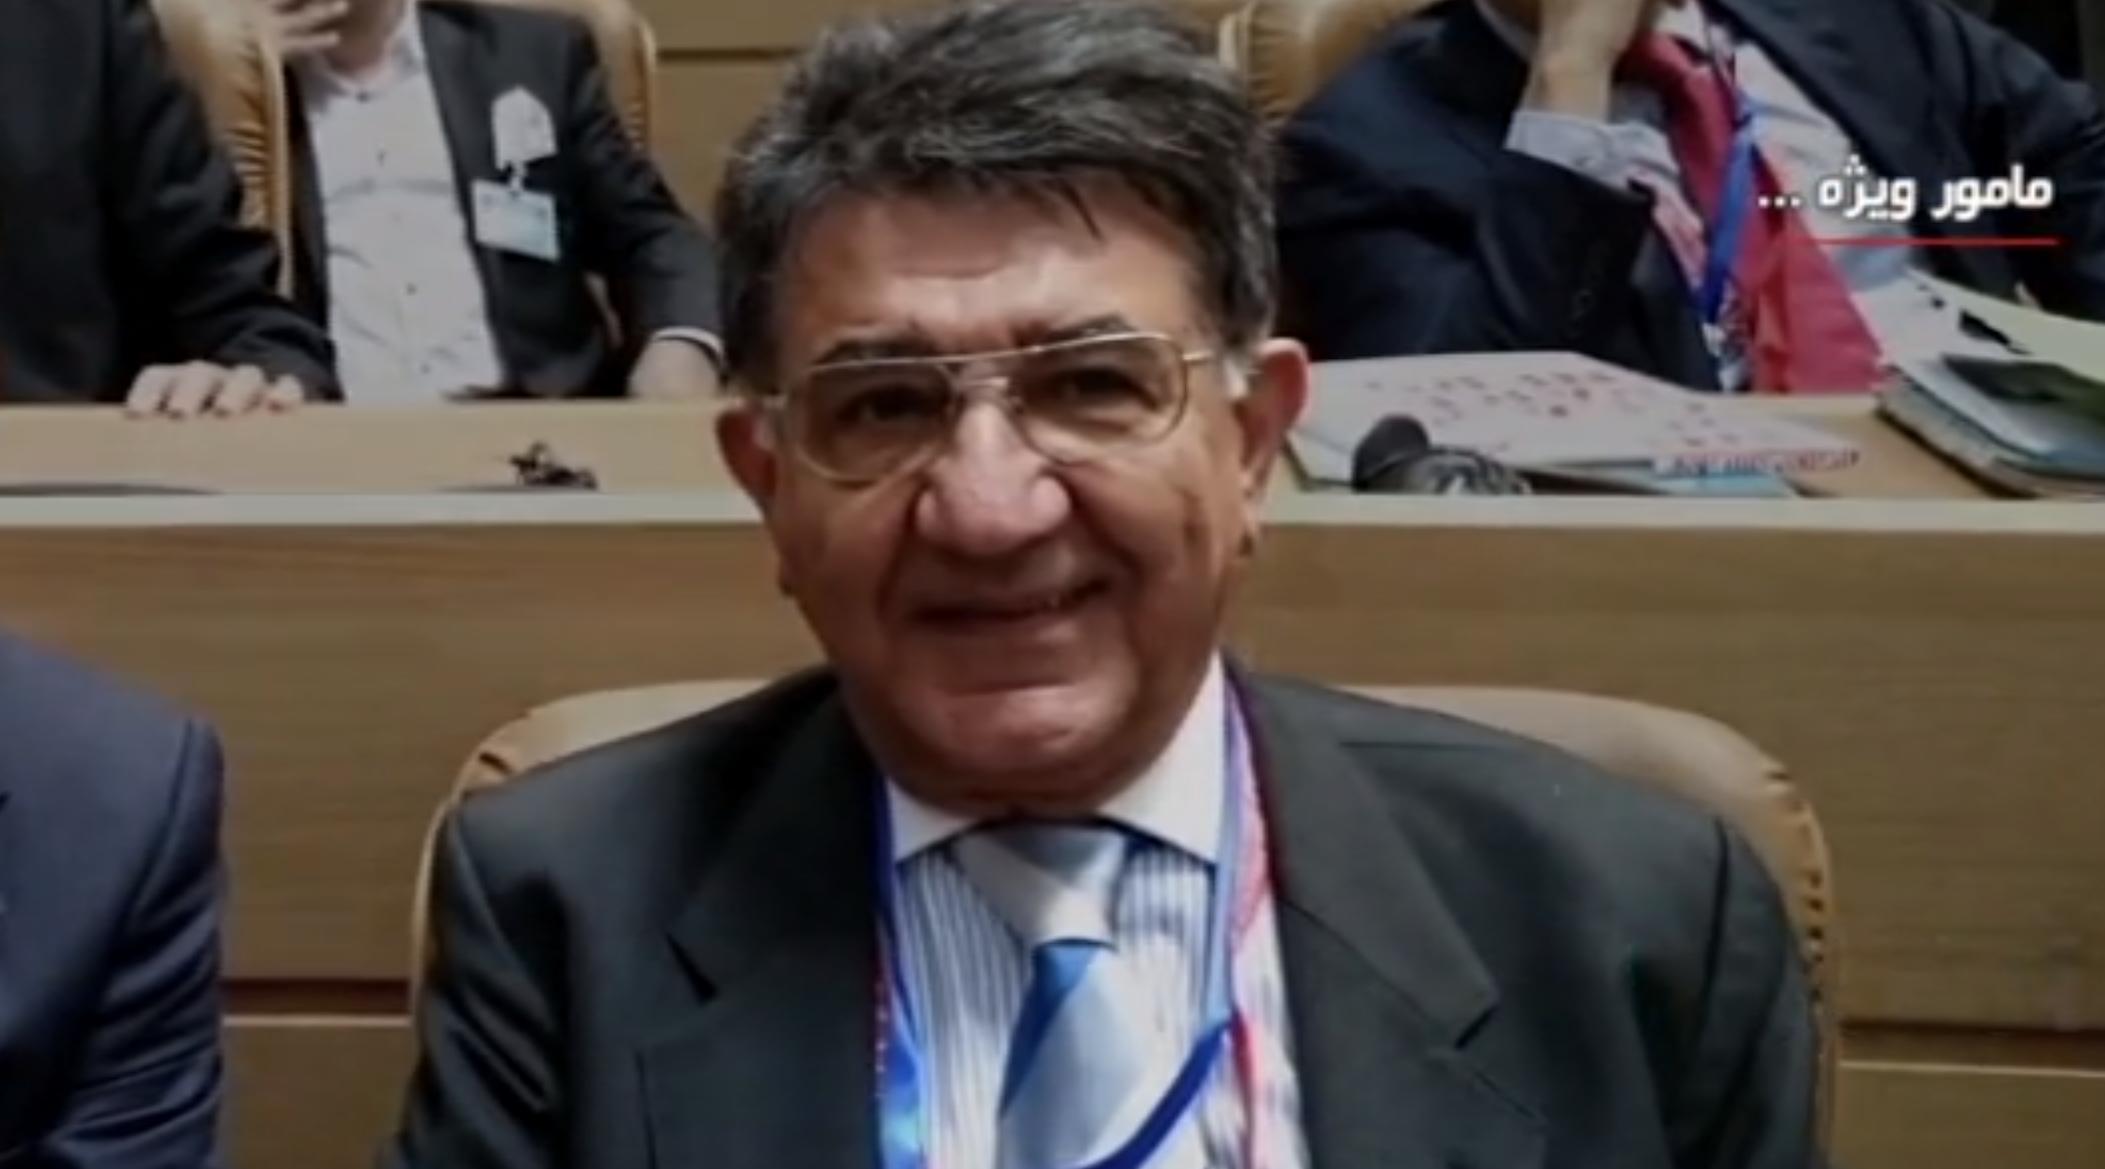 Angeblicher BND-Spion im iranischen Fernsehen